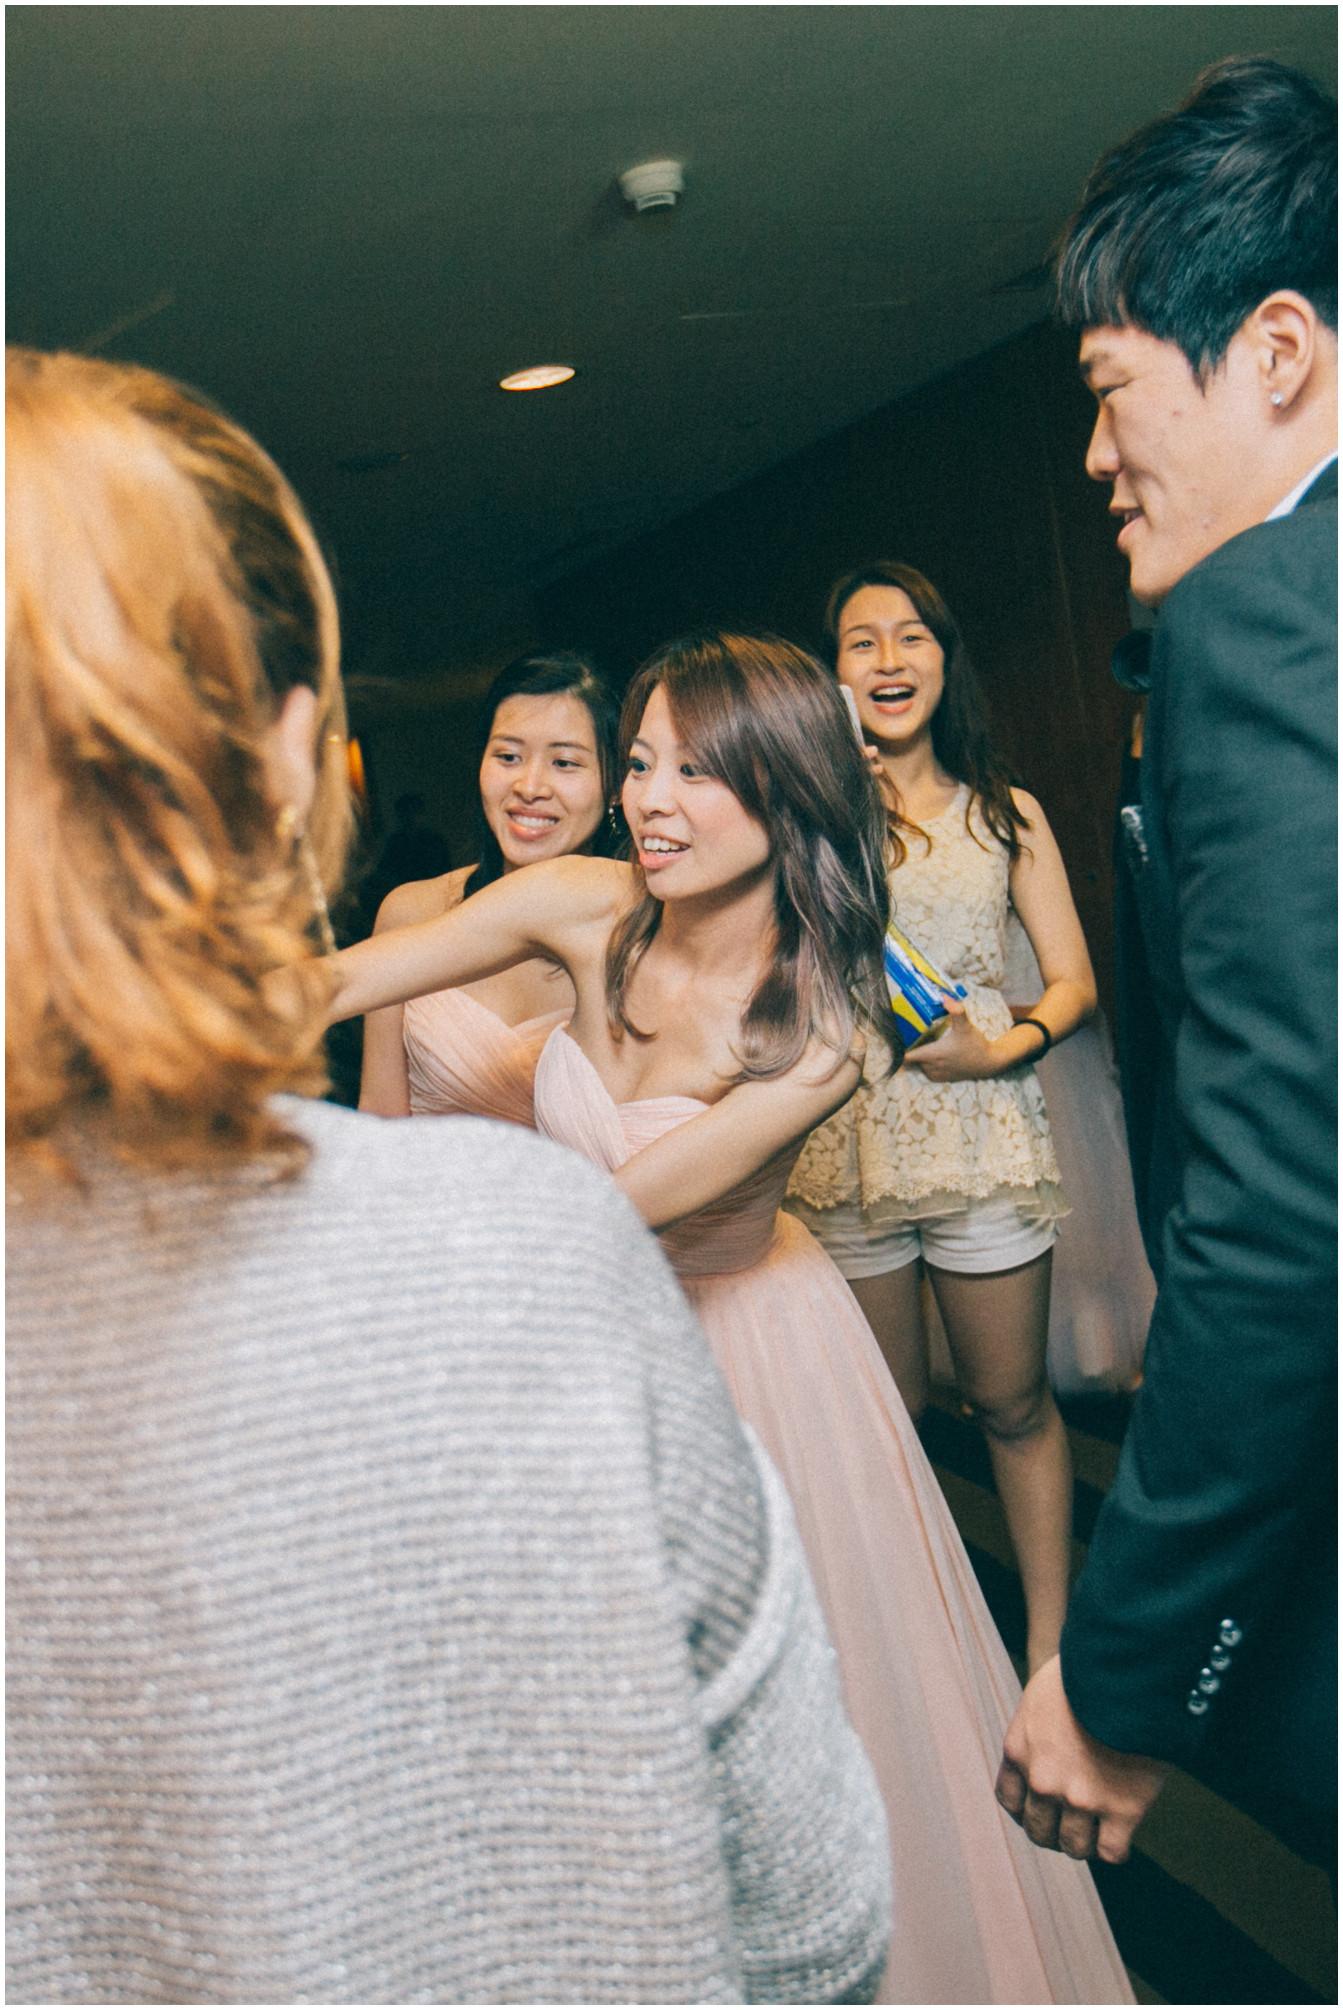 婚禮紀錄 / 平面拍攝 / 戶外婚禮 / 類婚紗